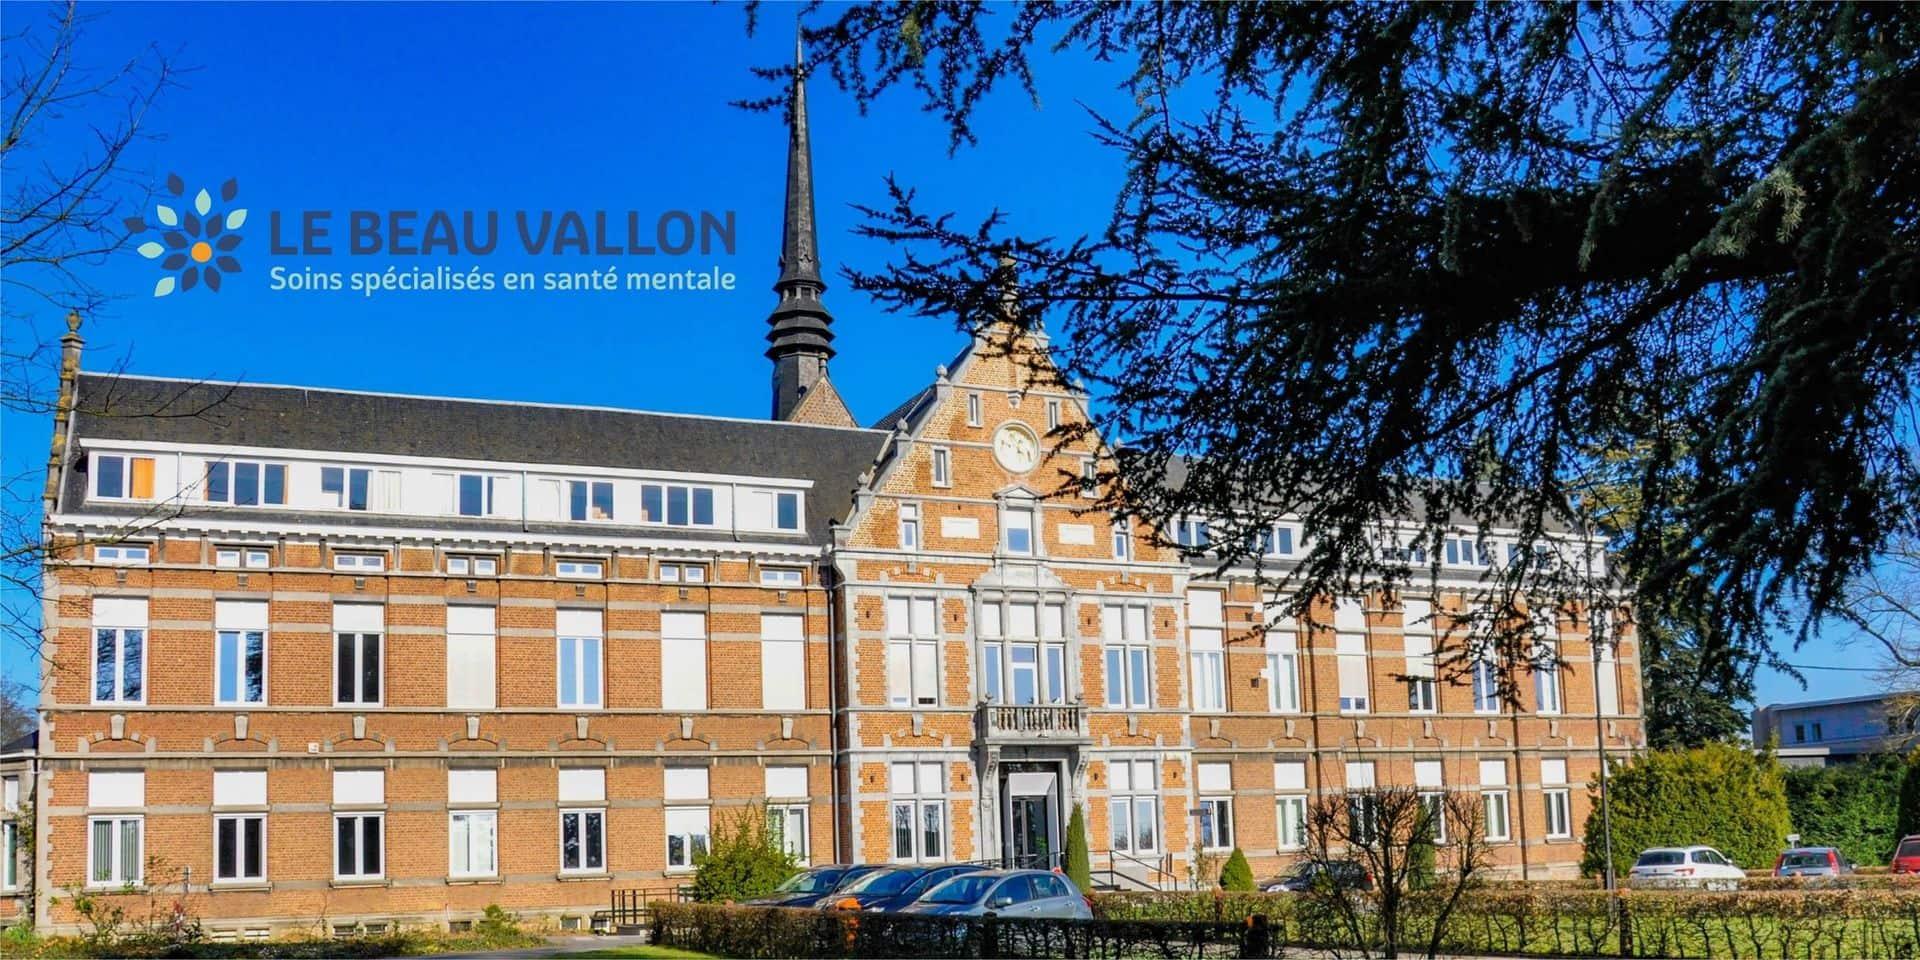 La vaccination contre le covid-19 a débuté au Beau Vallon